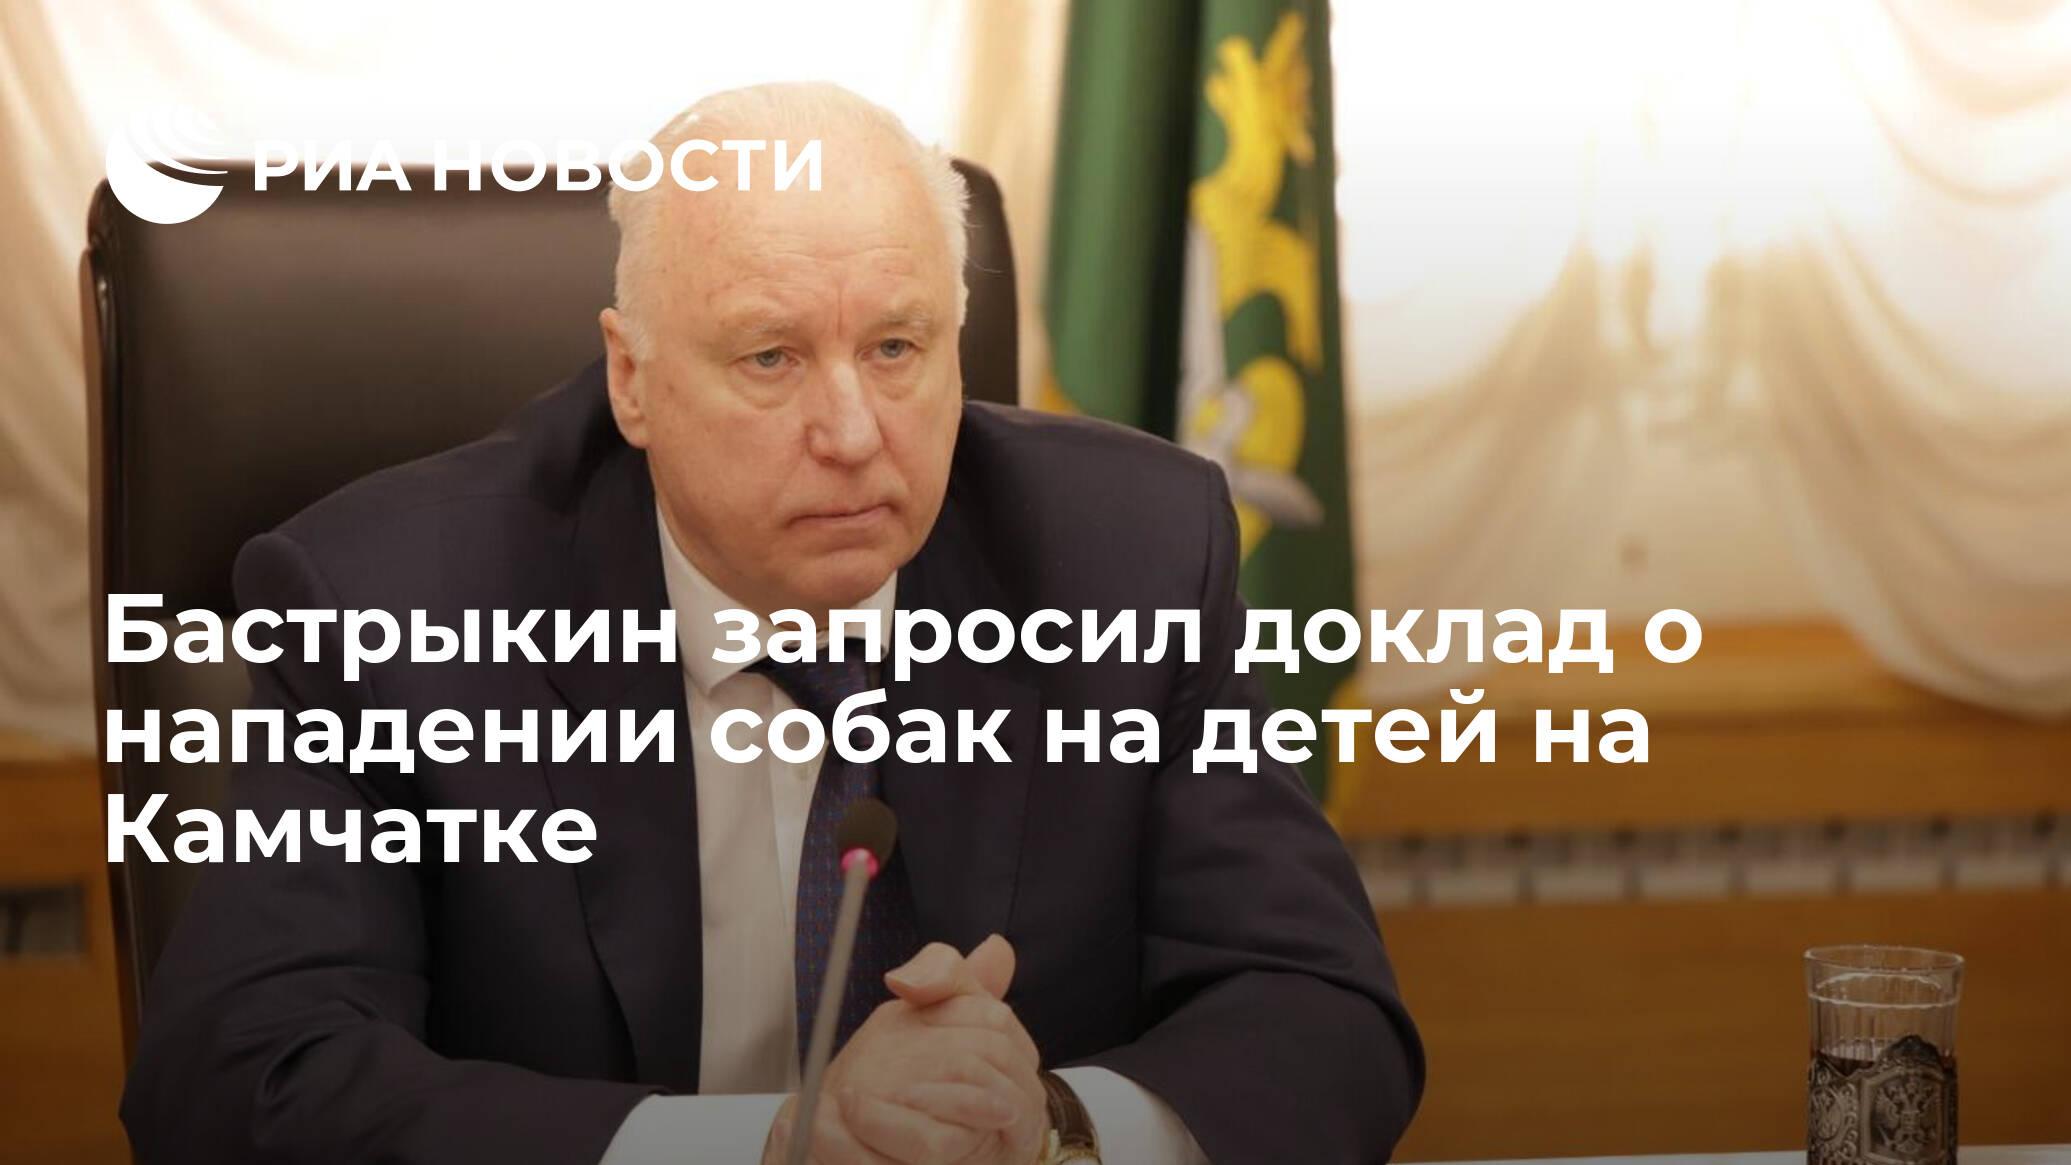 Бастрыкин запросил доклад о нападении собак на детей на Камчатке